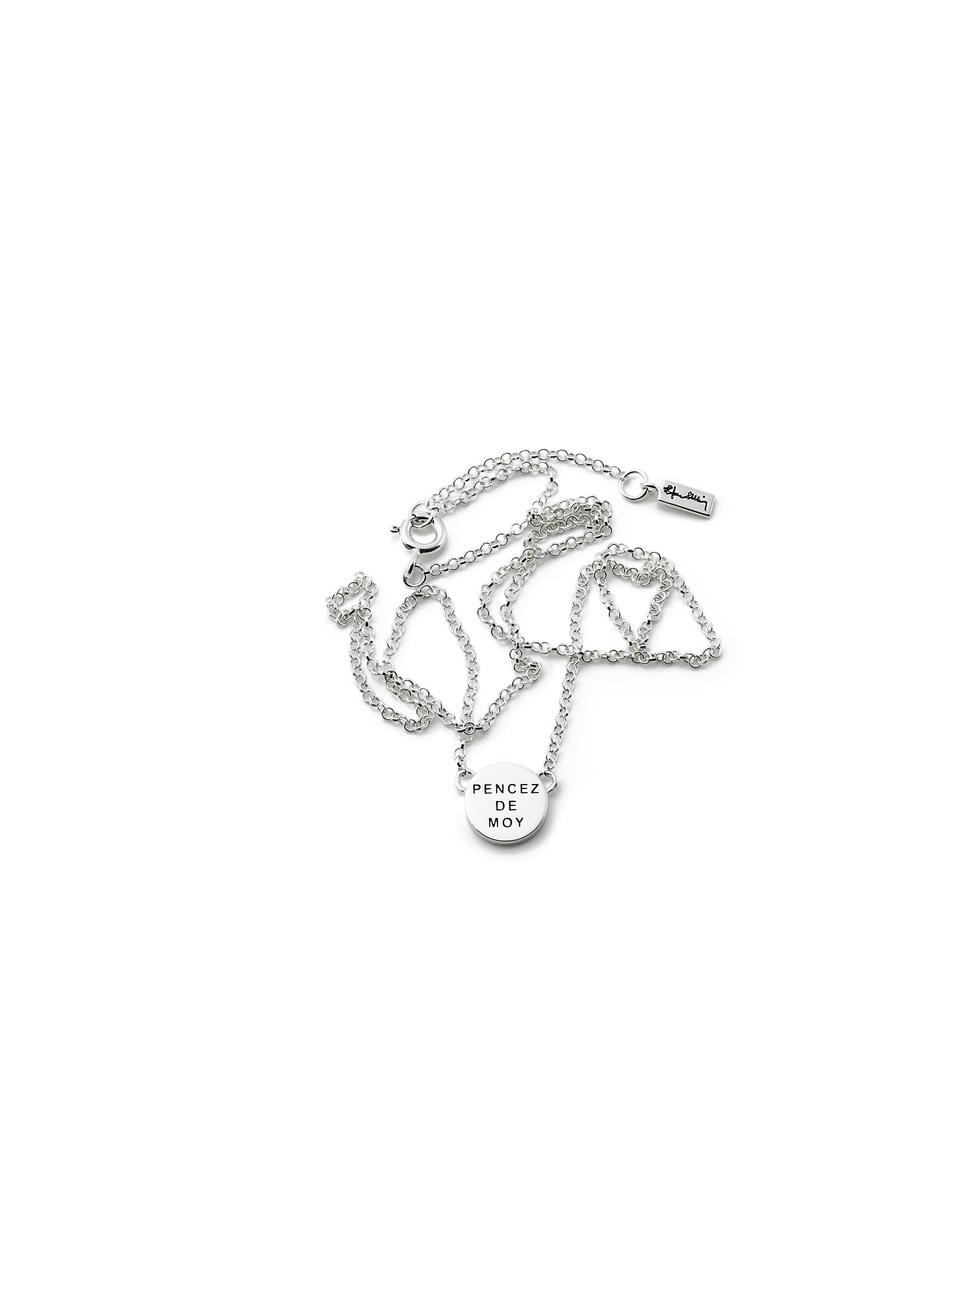 Mini Pencez De Moy Necklace 10-100-00560(1)